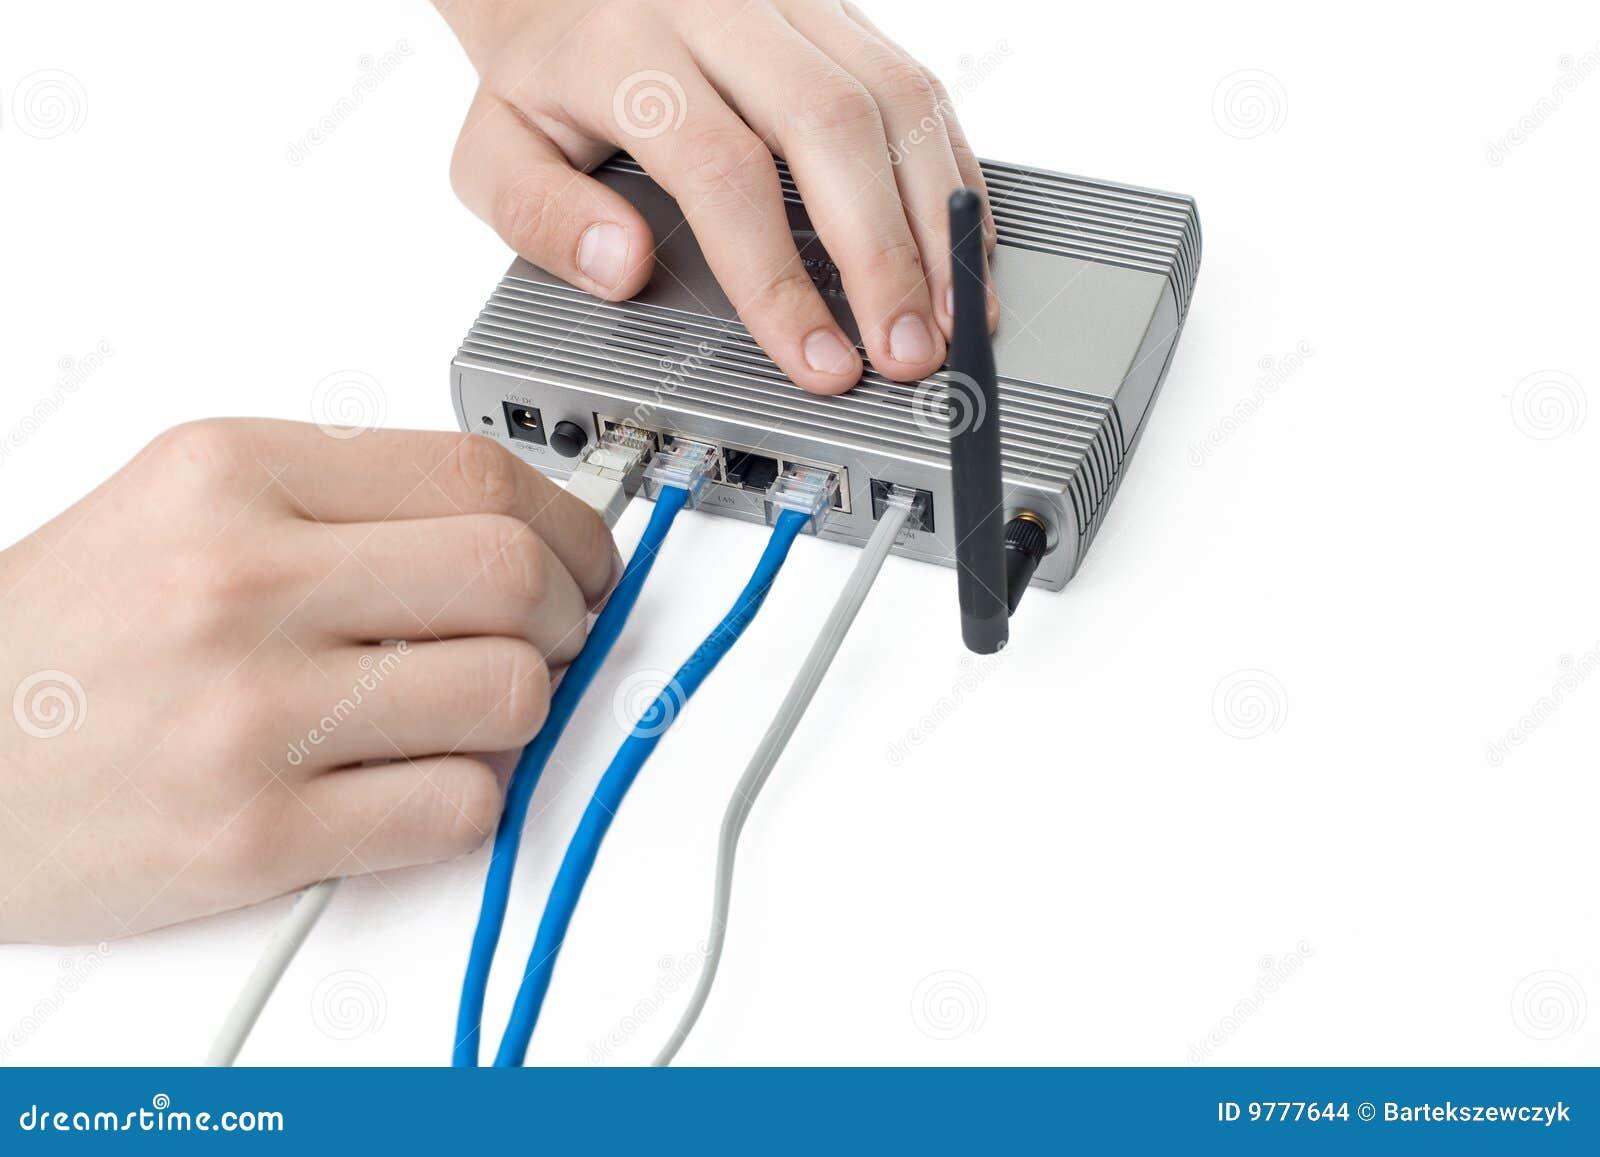 Wiring A Network Plug